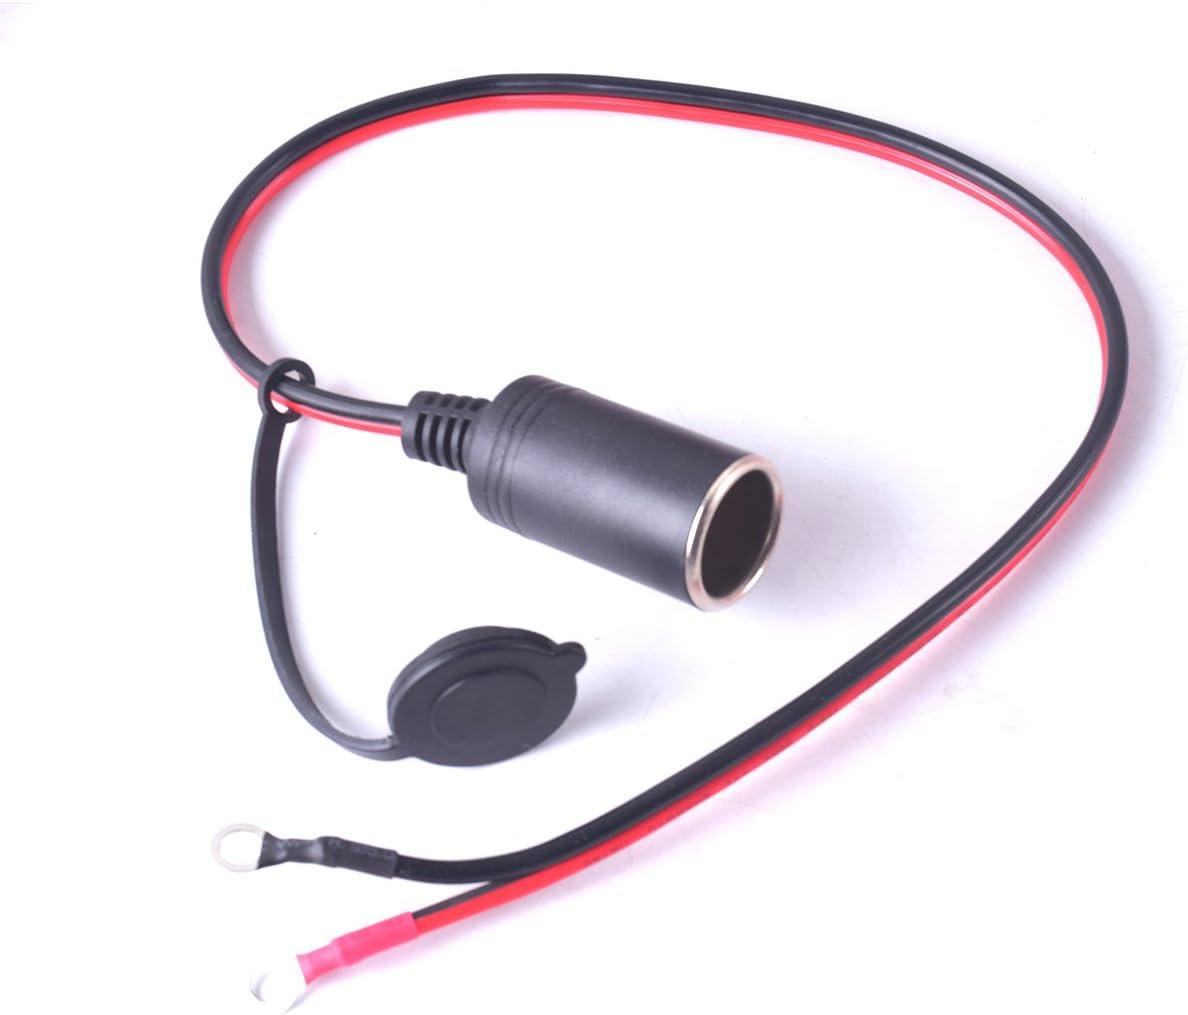 Allume-cigare allume-cigare pour c/âble de charge dextension 10FT adaptateur de d/éconnexion rapide pour batterie solaire automatique 12V 15A pour adaptateur de d/éconnexion rapide